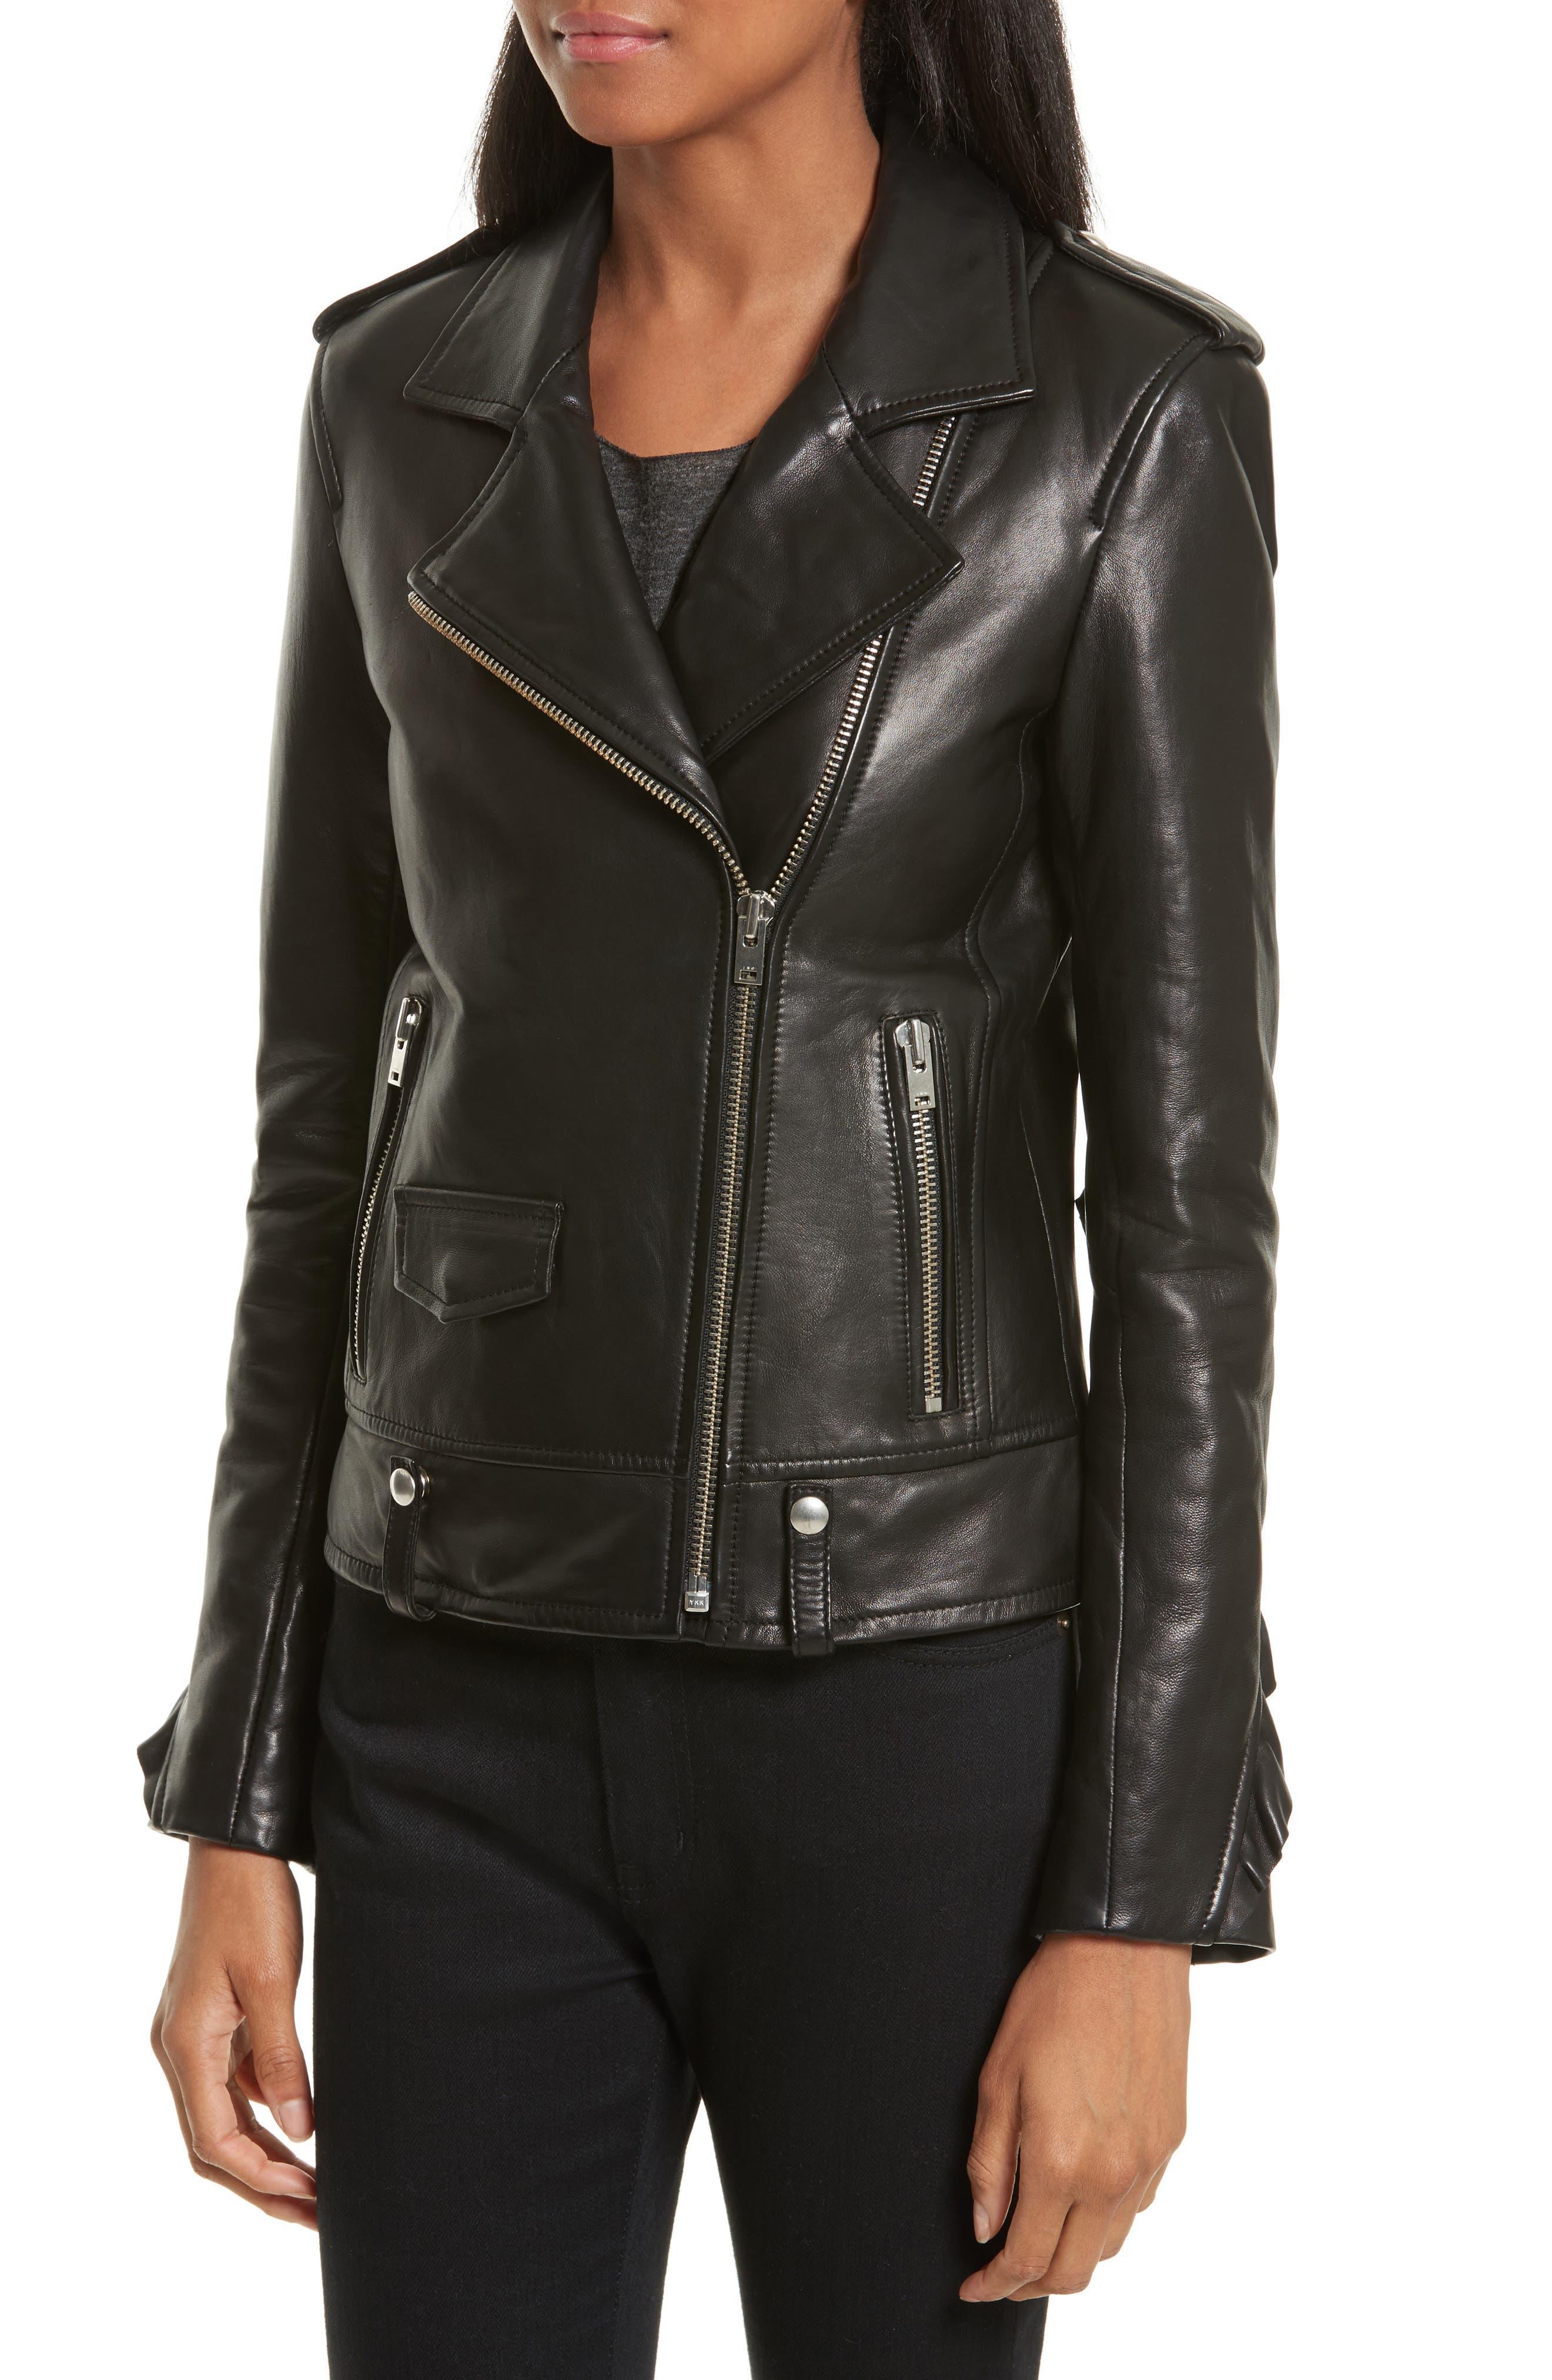 Dumont Leather Jacket,                             Alternate thumbnail 4, color,